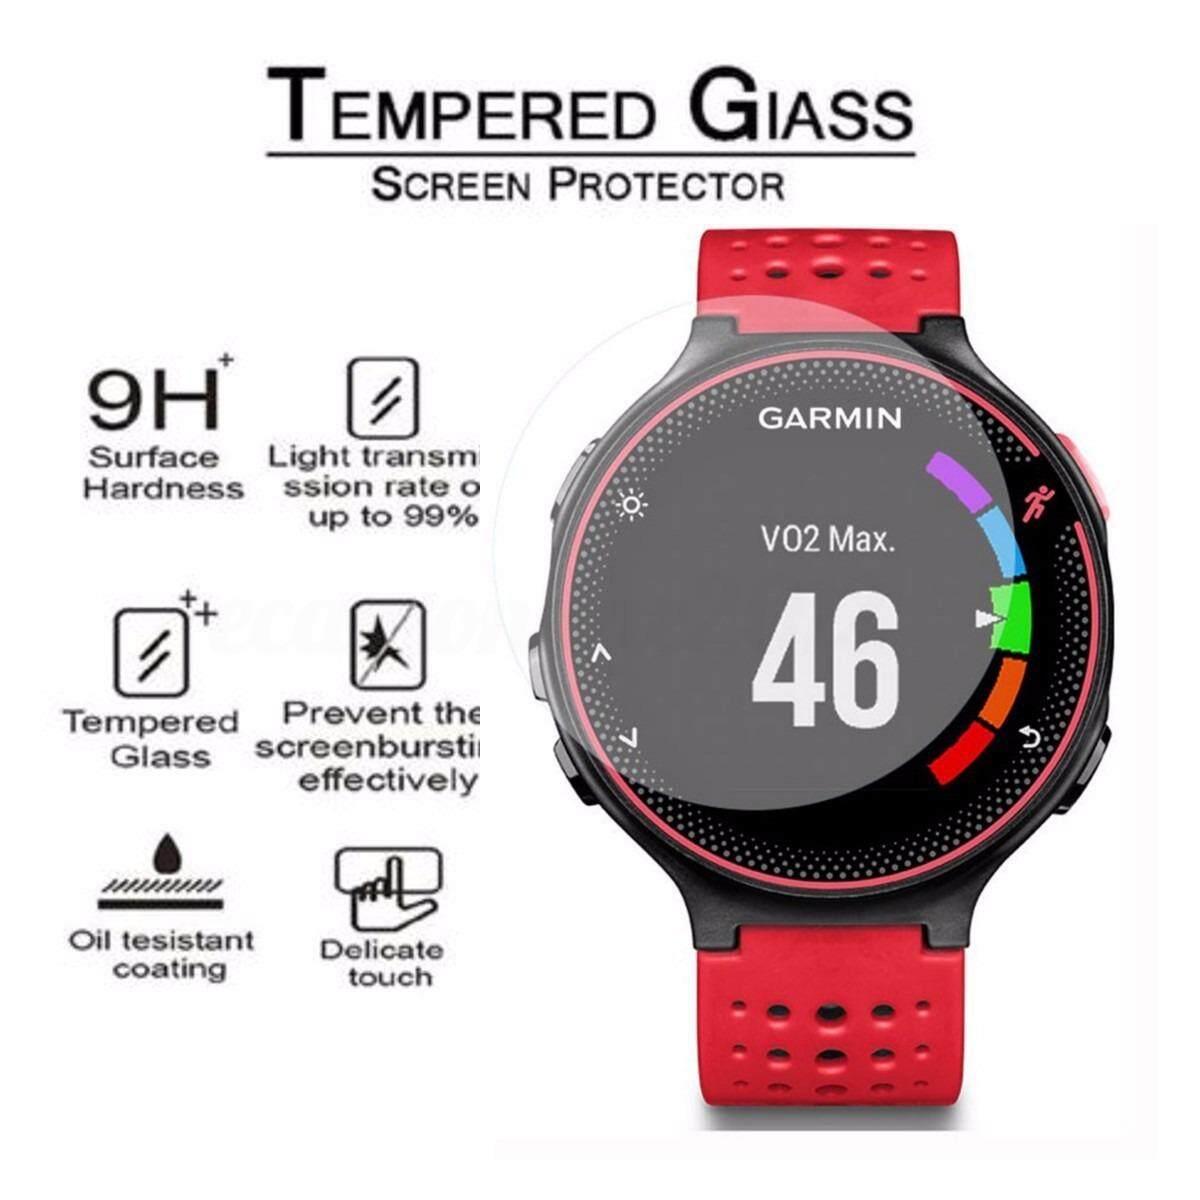 Garmin Smartwatch Gps Thailand Forerunner 235 Frost Blue 225 620 630